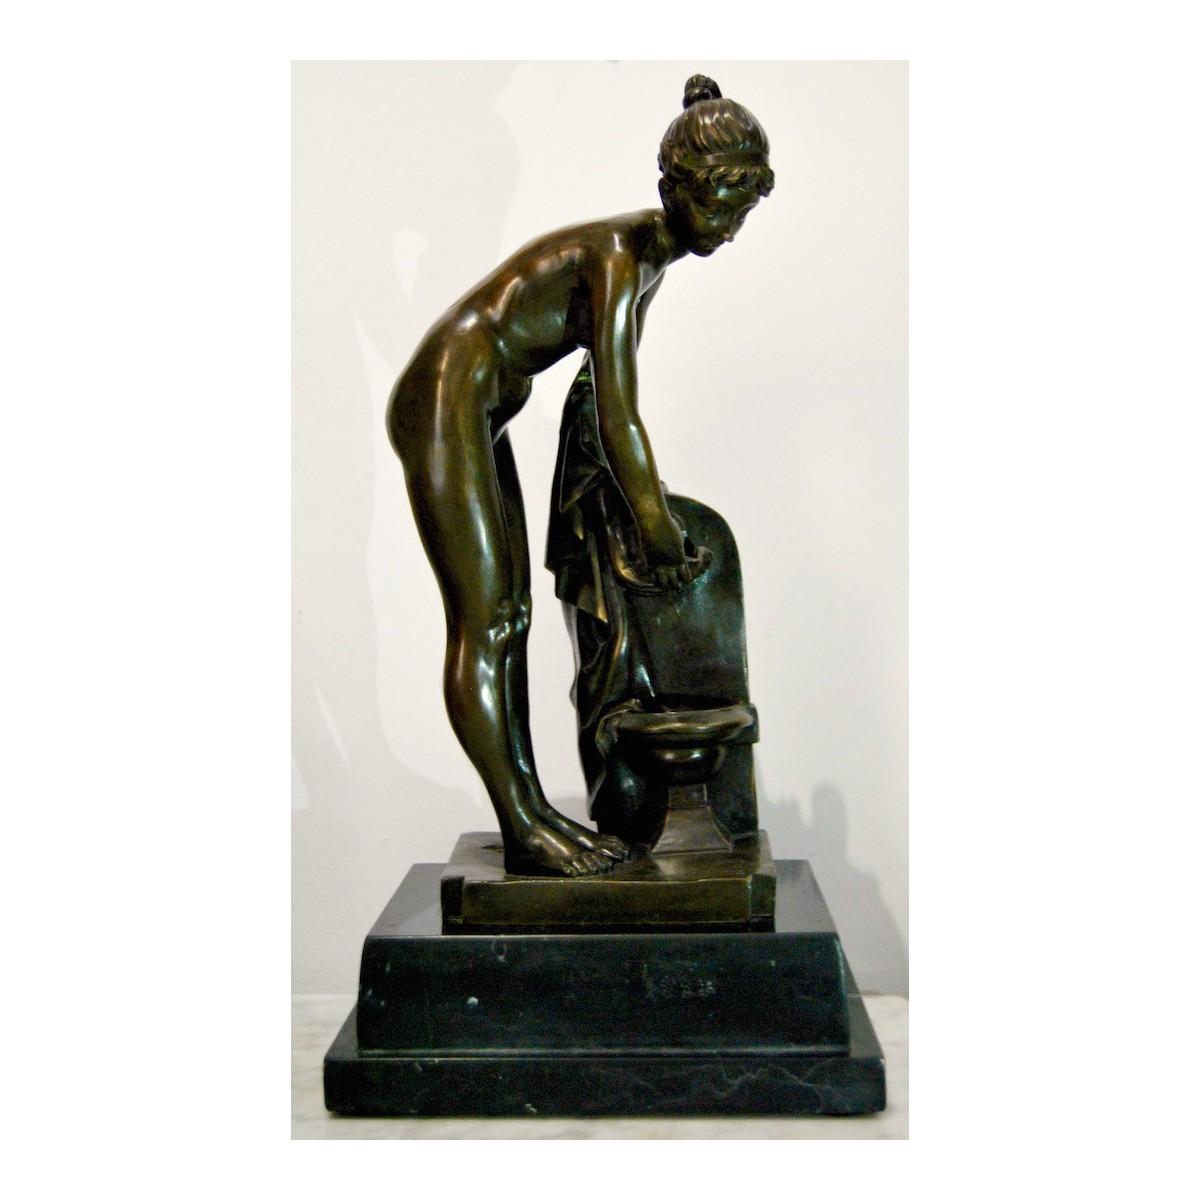 Bronzo, periodo decó, nudo di donna